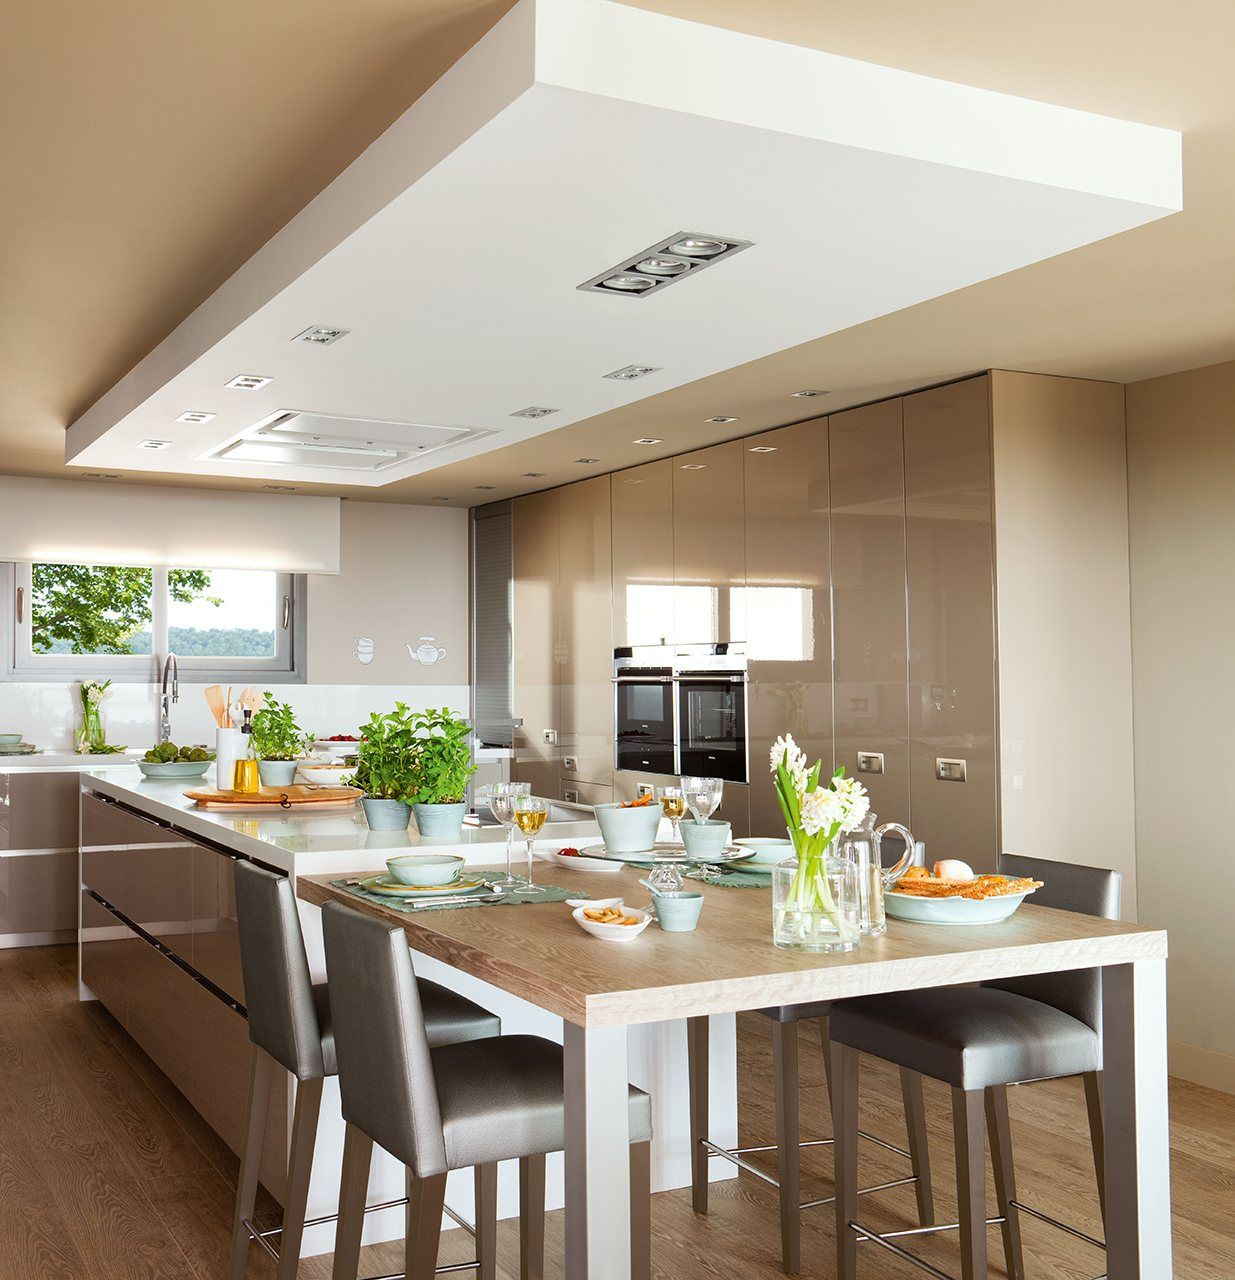 Claves para elegir la campana de tu cocina - Campanas de cocina modernas ...